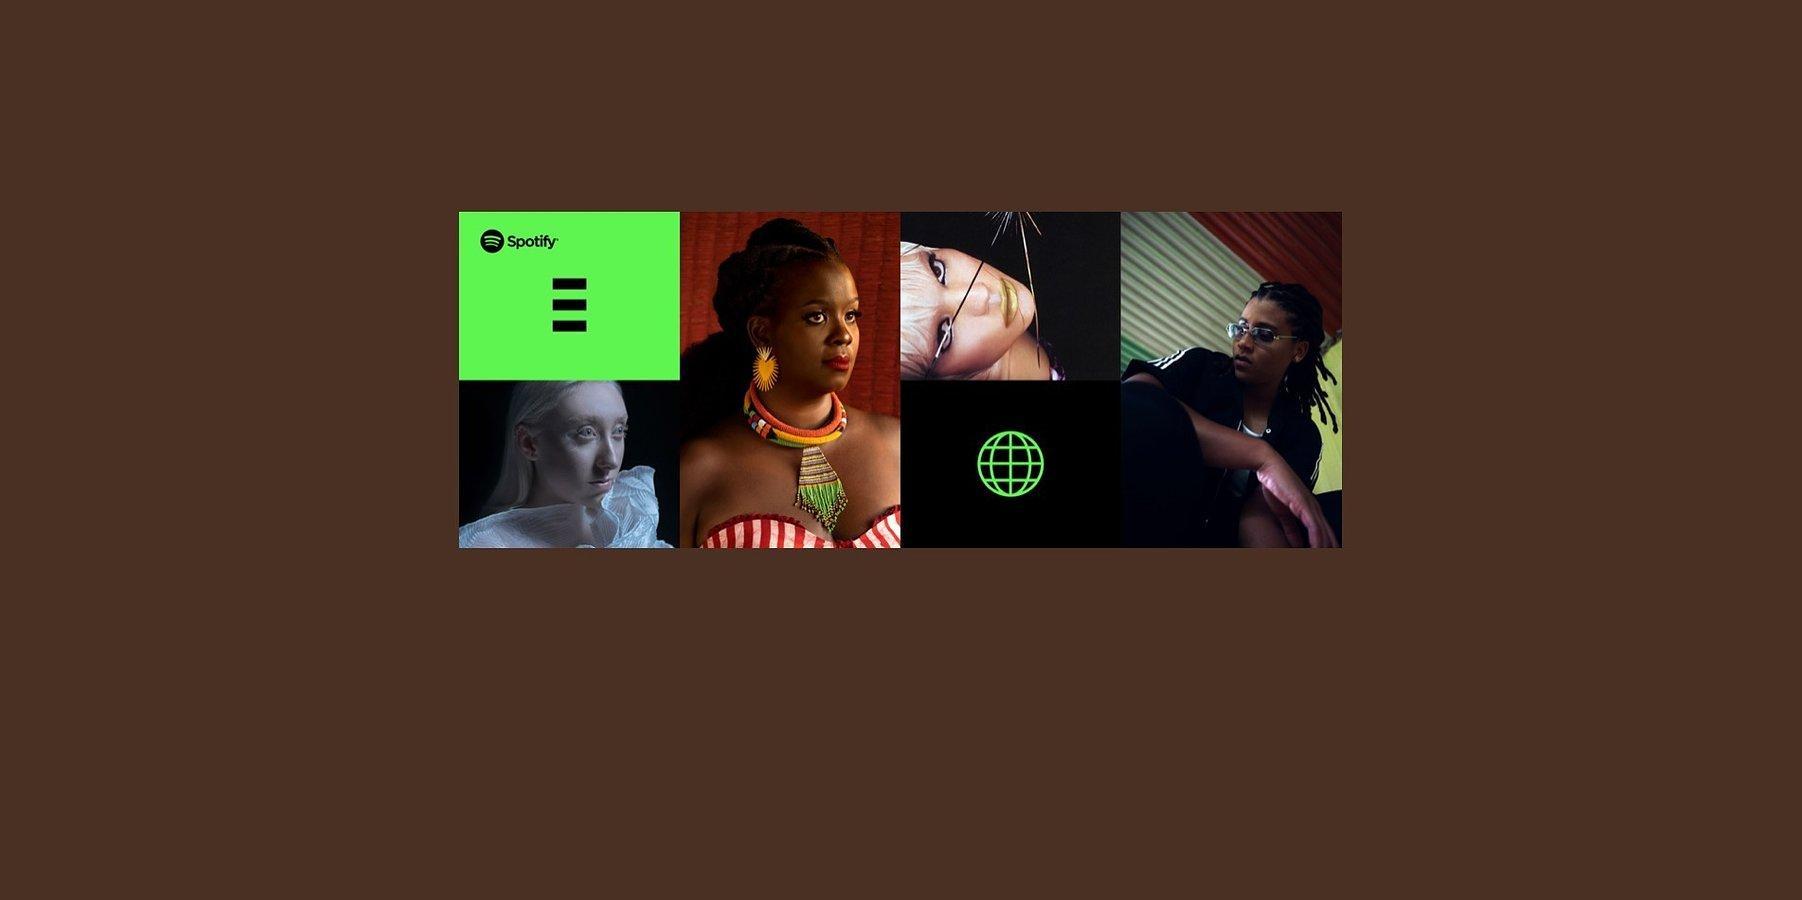 Sechs Monate EQUAL: Spotify zieht erste Bilanz des Förderprogramms für weibliche Musikerinnen